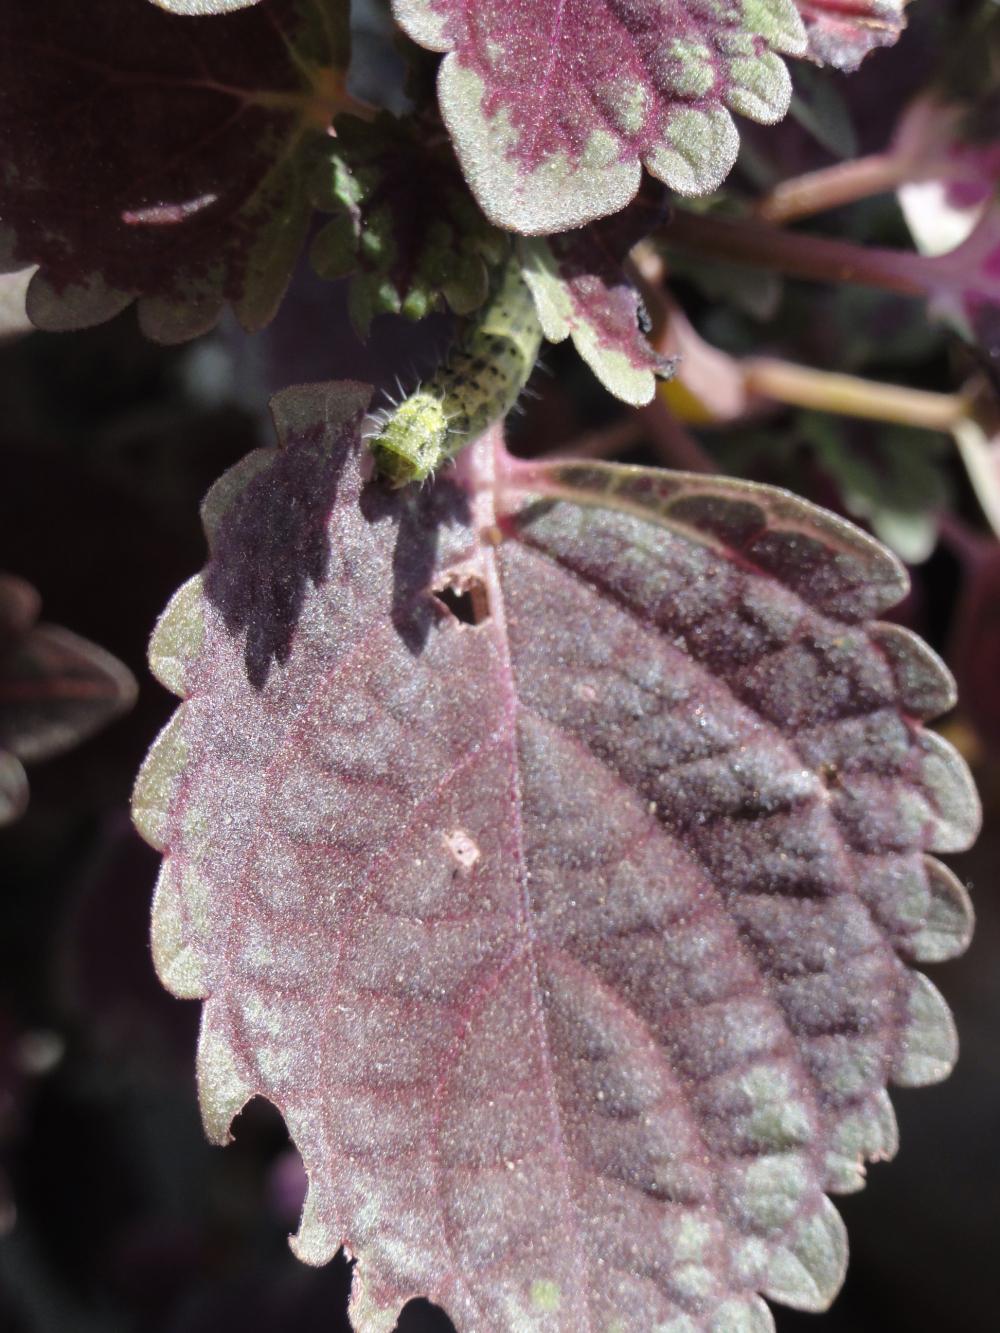 Worm eating a leaf